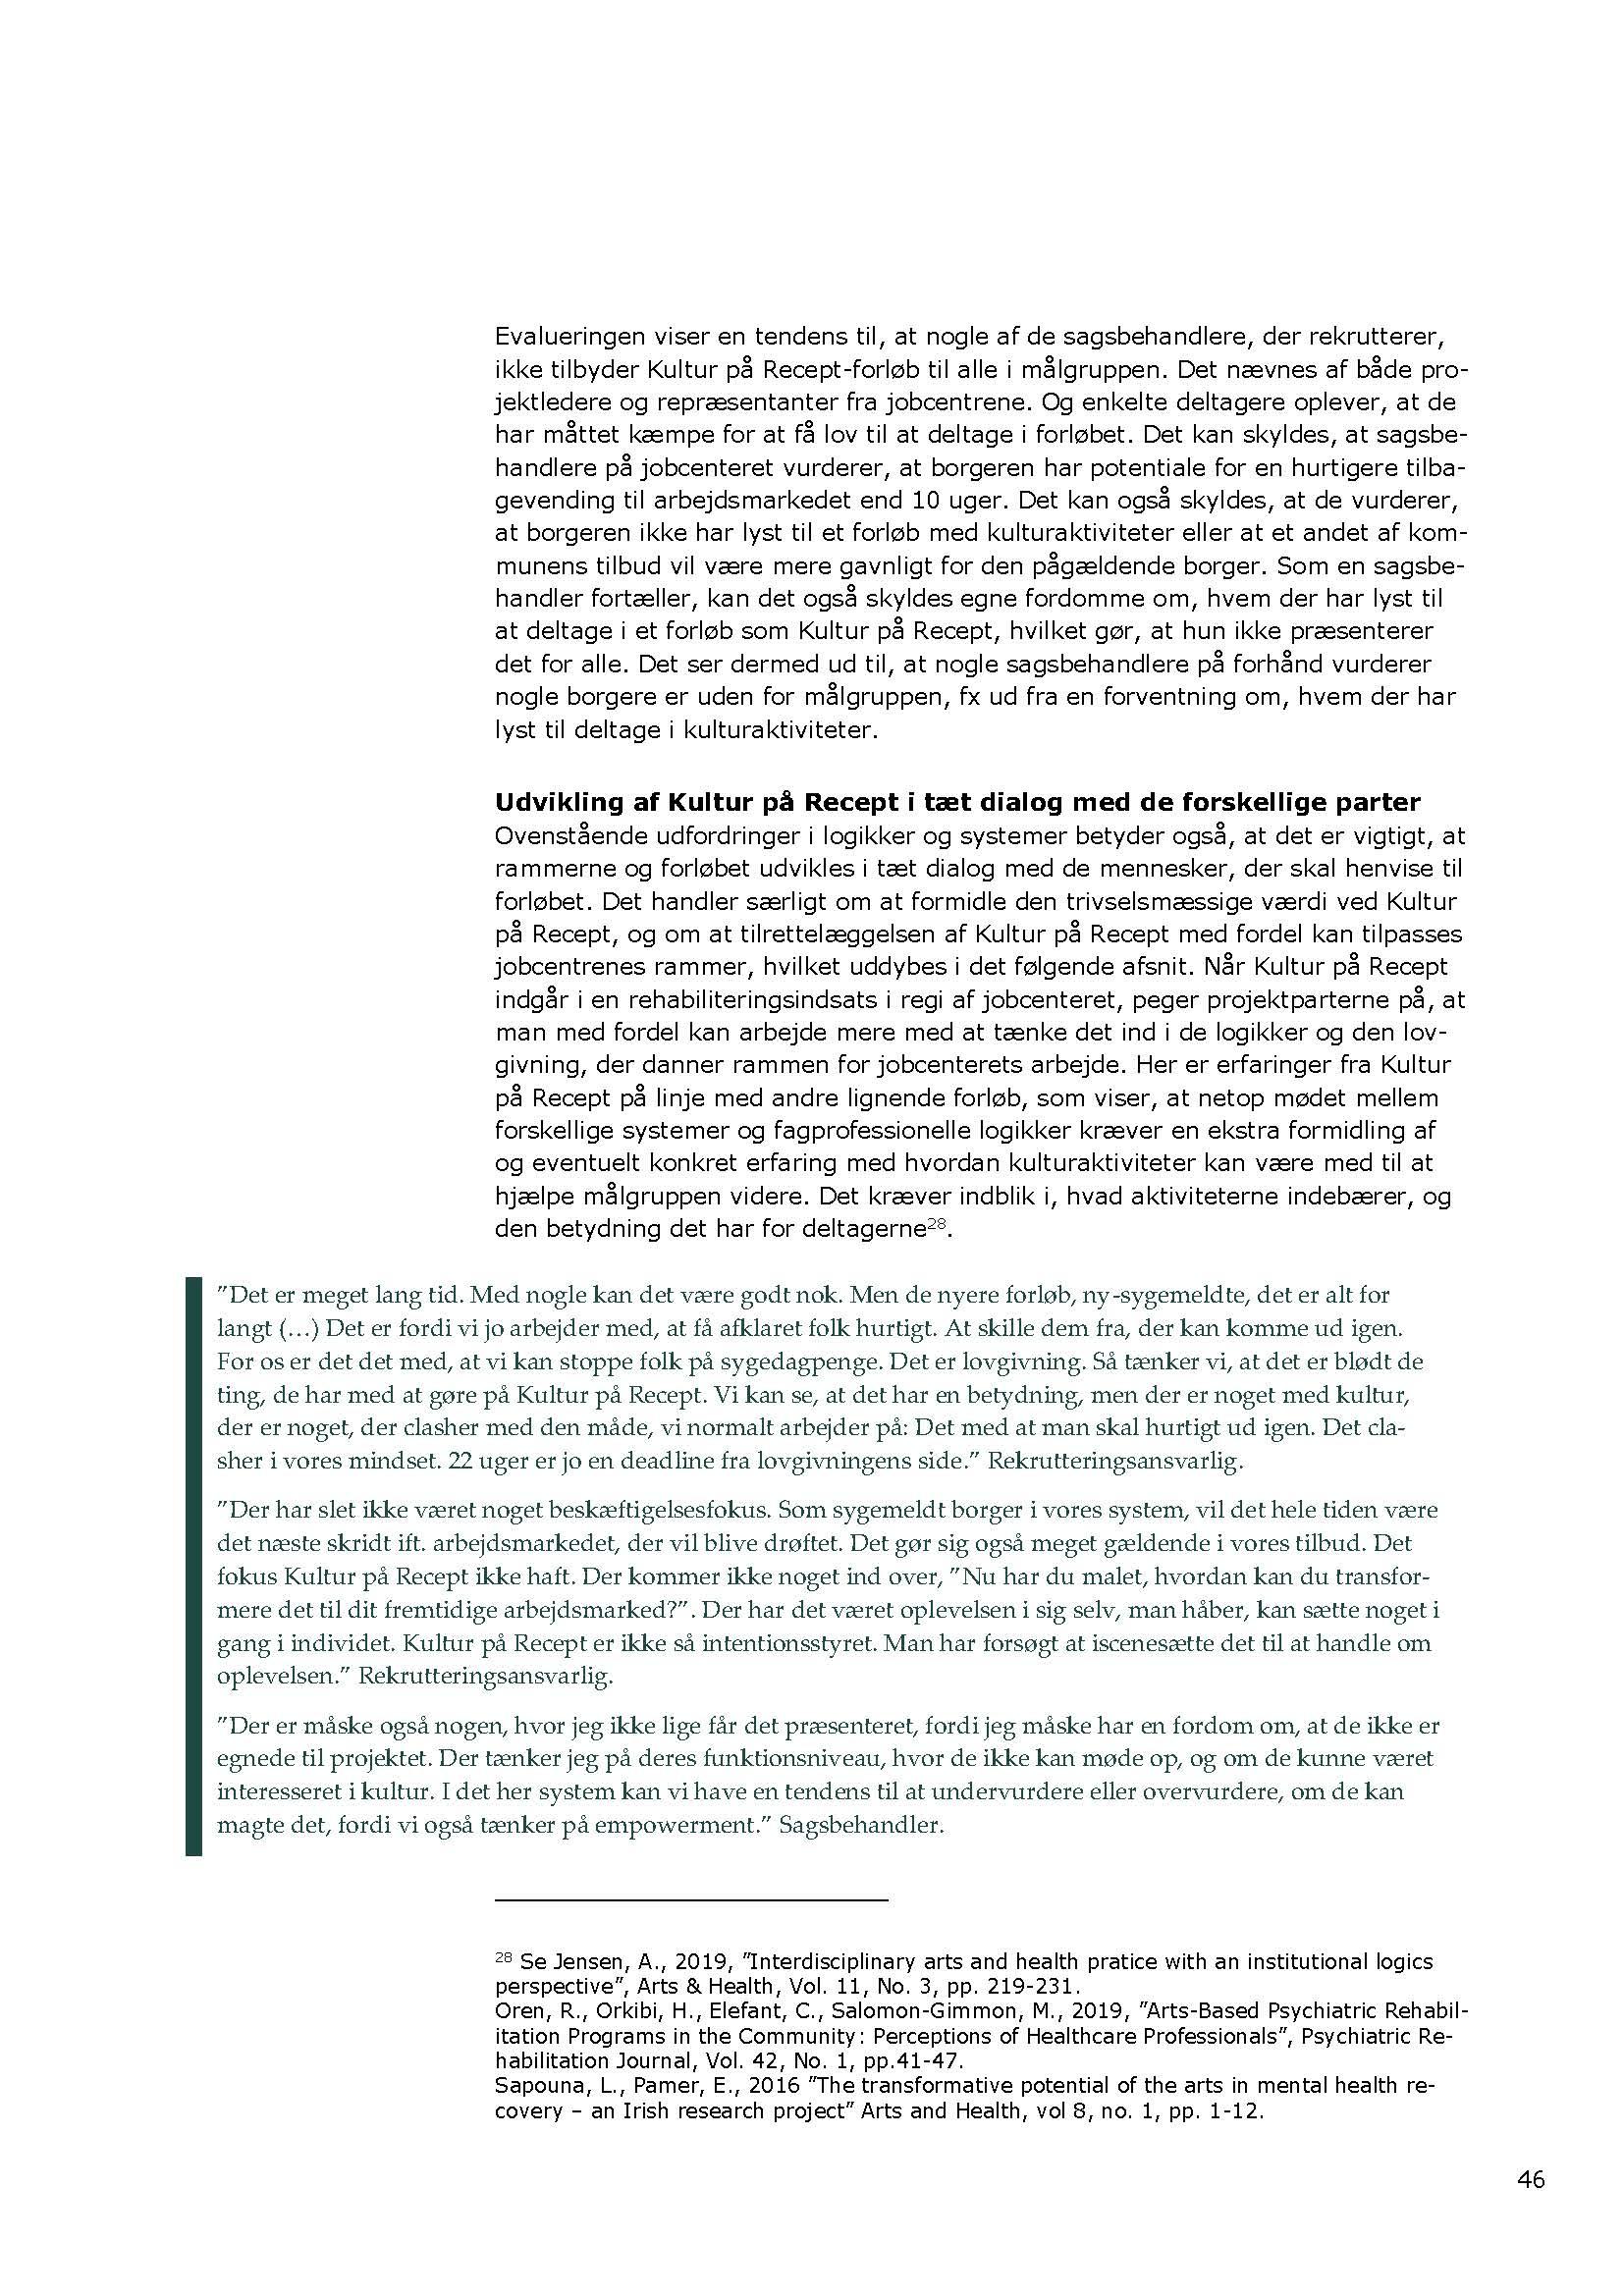 Kultur-paa-recept_tvaergaaende-evaluering_foraar-2020_Page_46